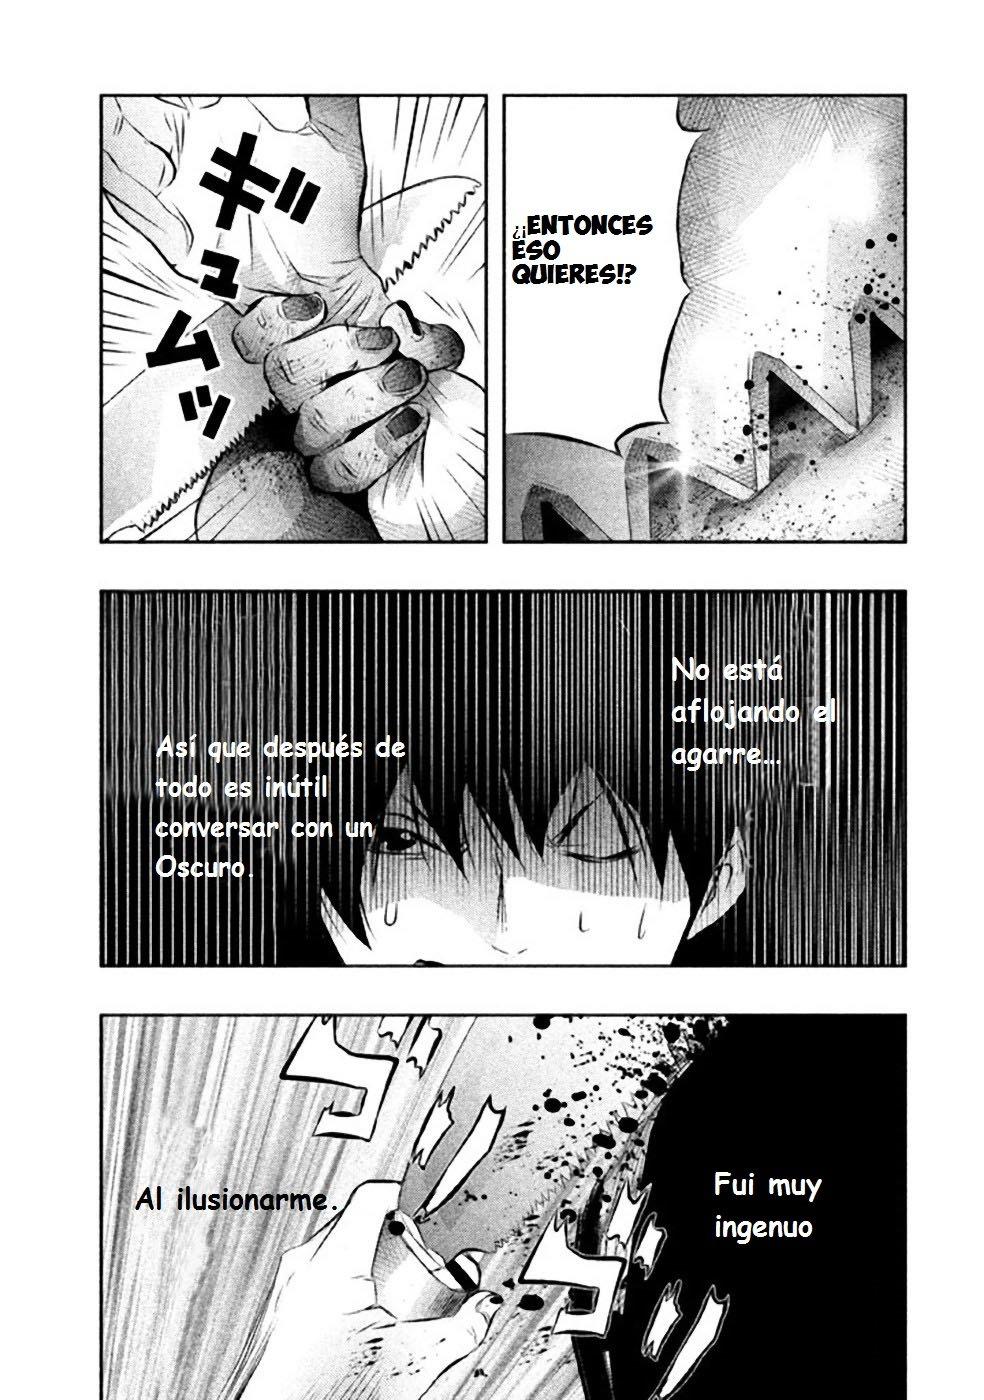 https://c10.mangatag.com/es_manga/pic5/49/22513/776972/fabf3642742e1a9b8ac4c6fa3271316b.jpg Page 6